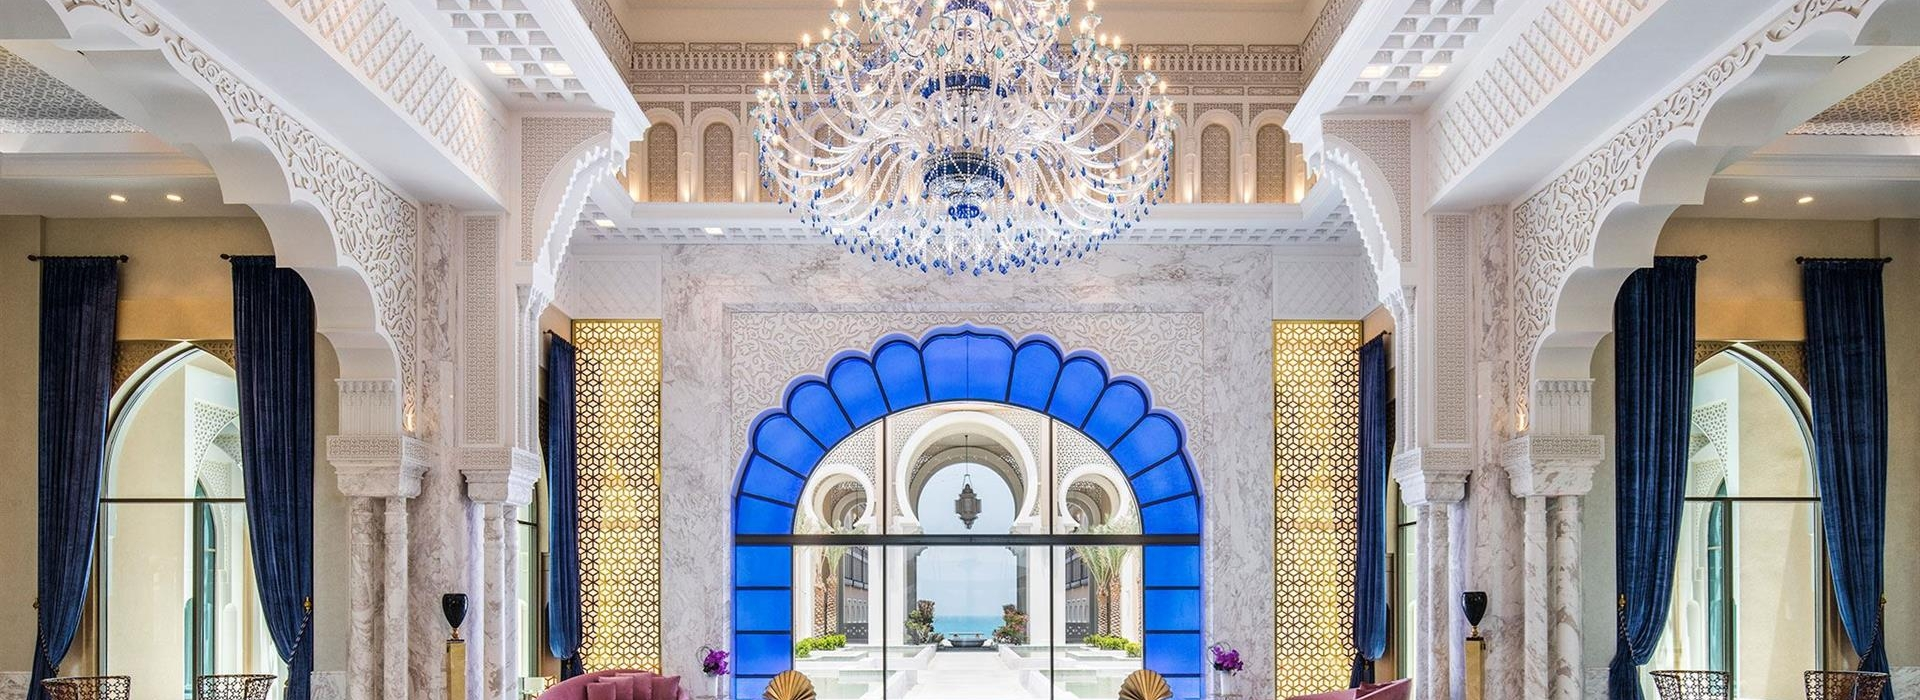 Rixos Saadiyat Island Abu Dhabi 5* Deluxe